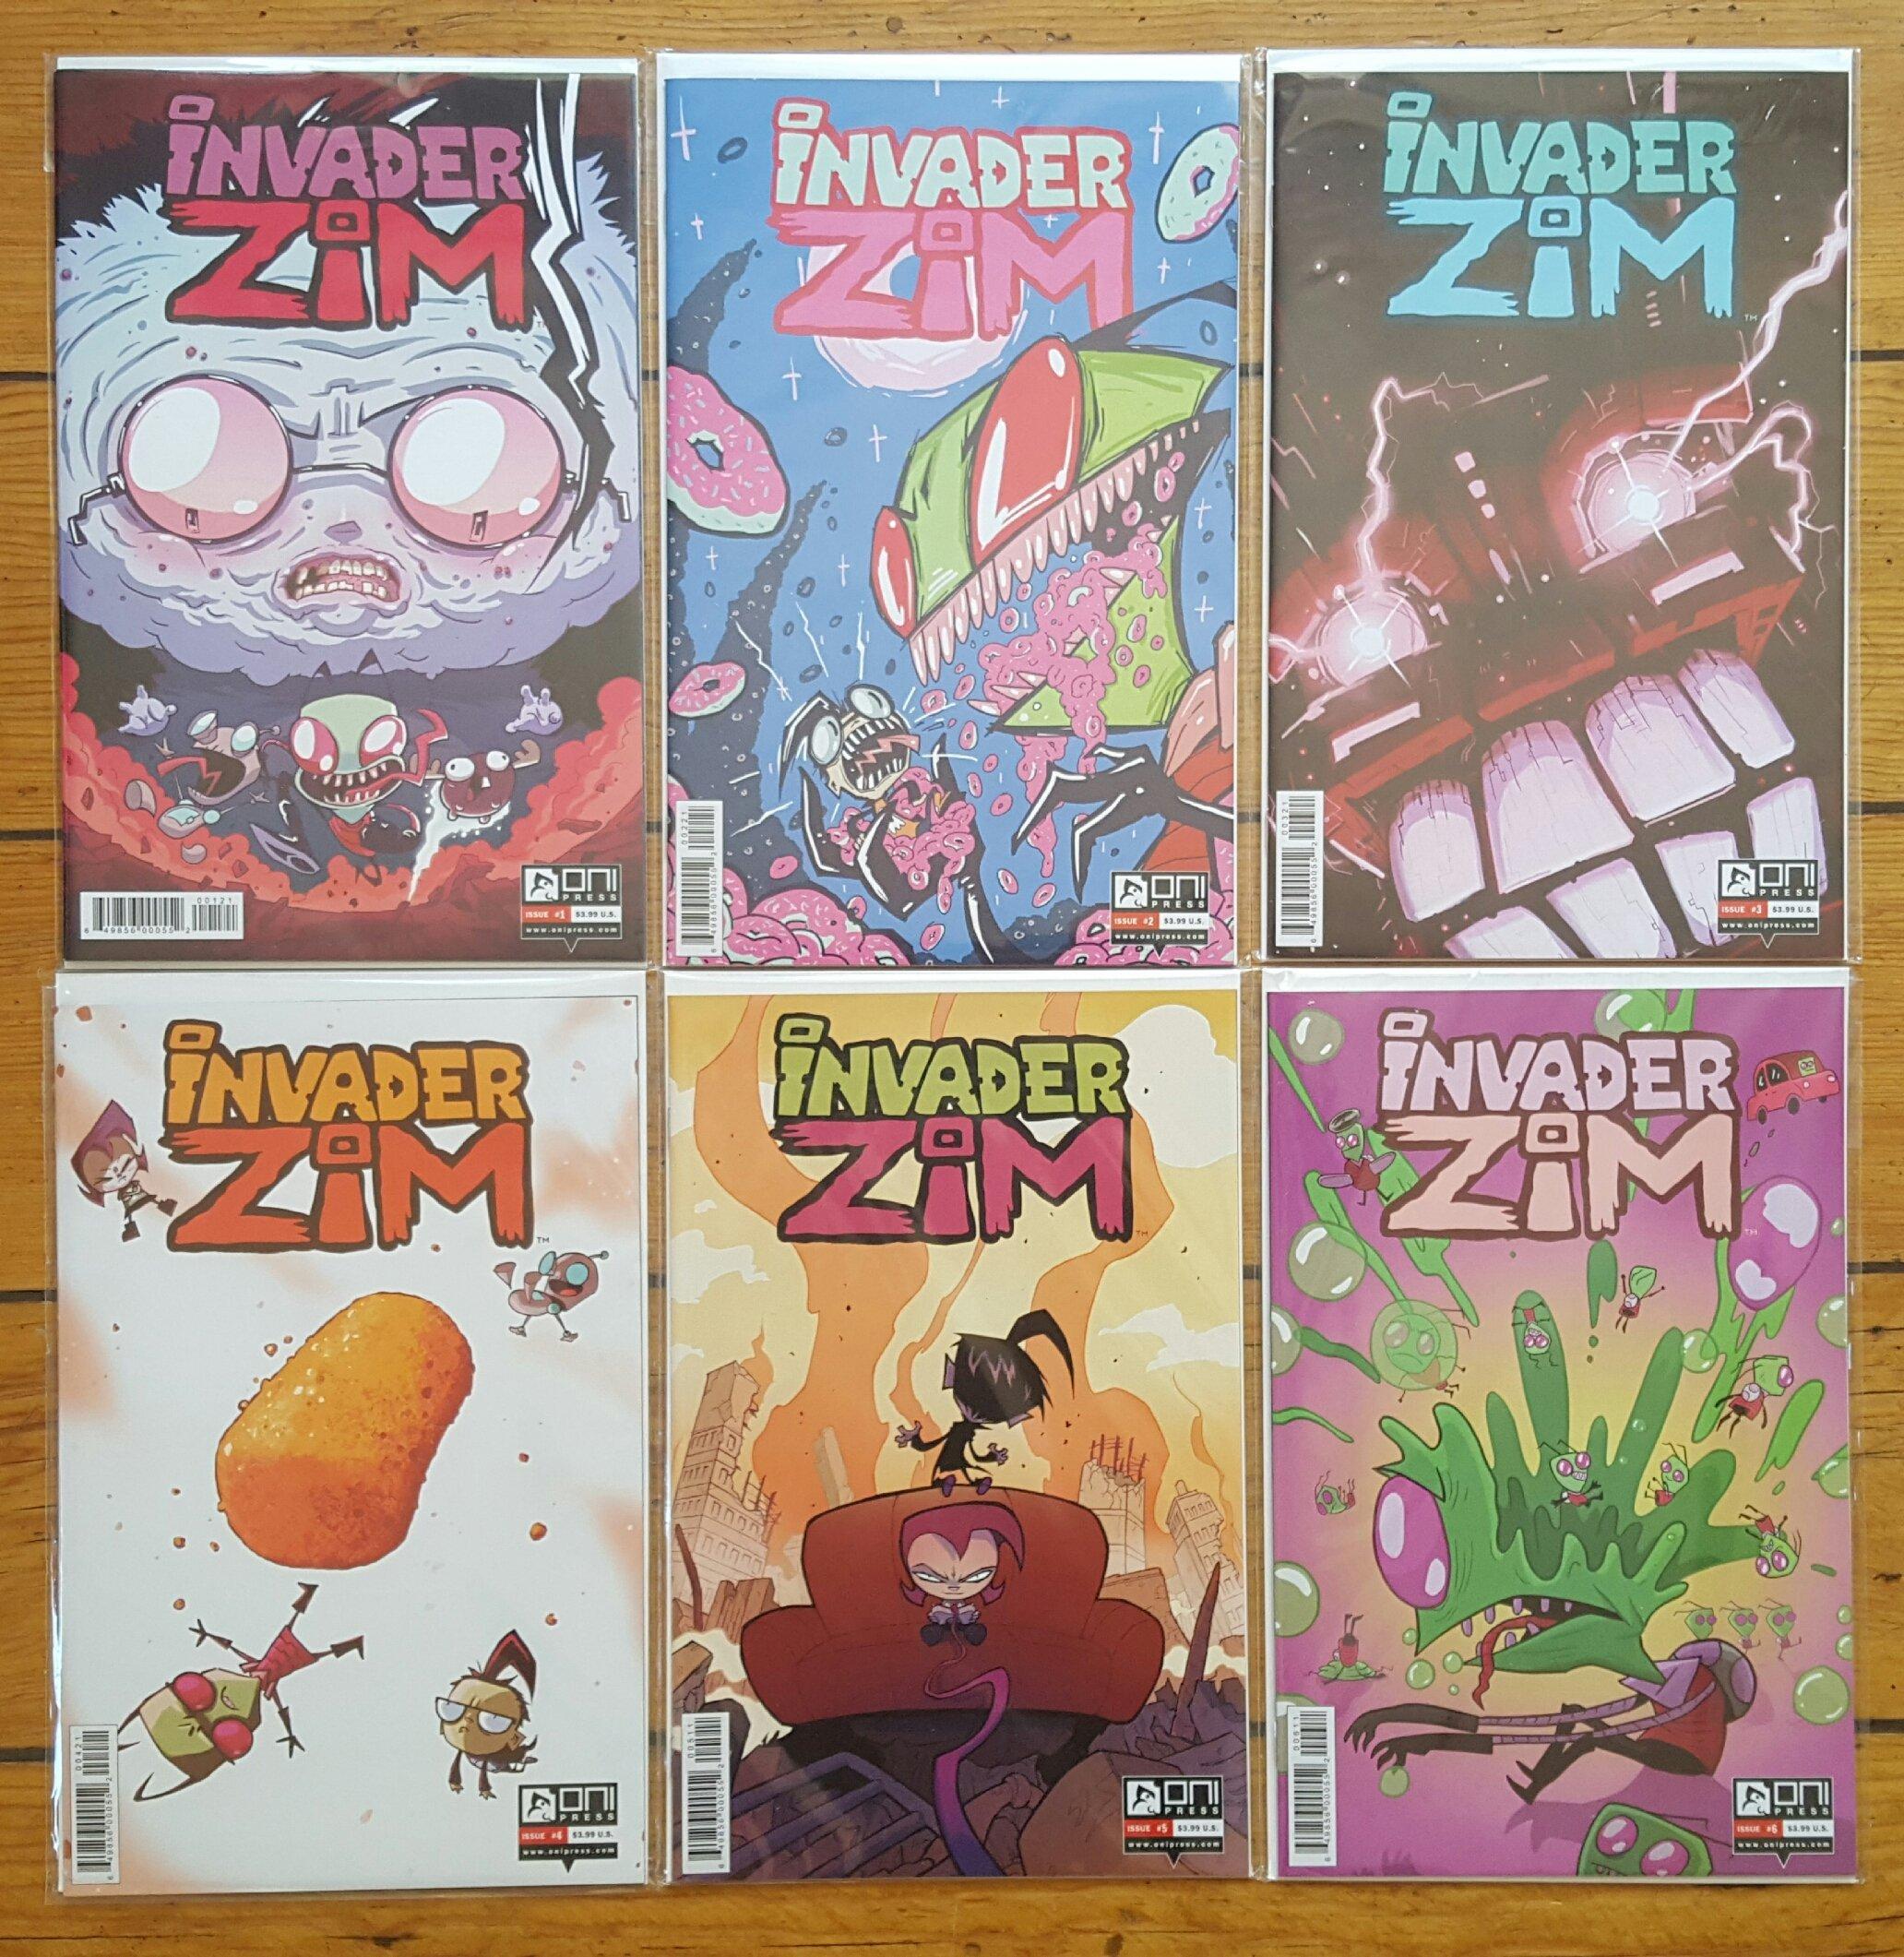 INVADER ZIM #11 ONI PRESS COVER A 1ST PRINT Jhonen Vasquez